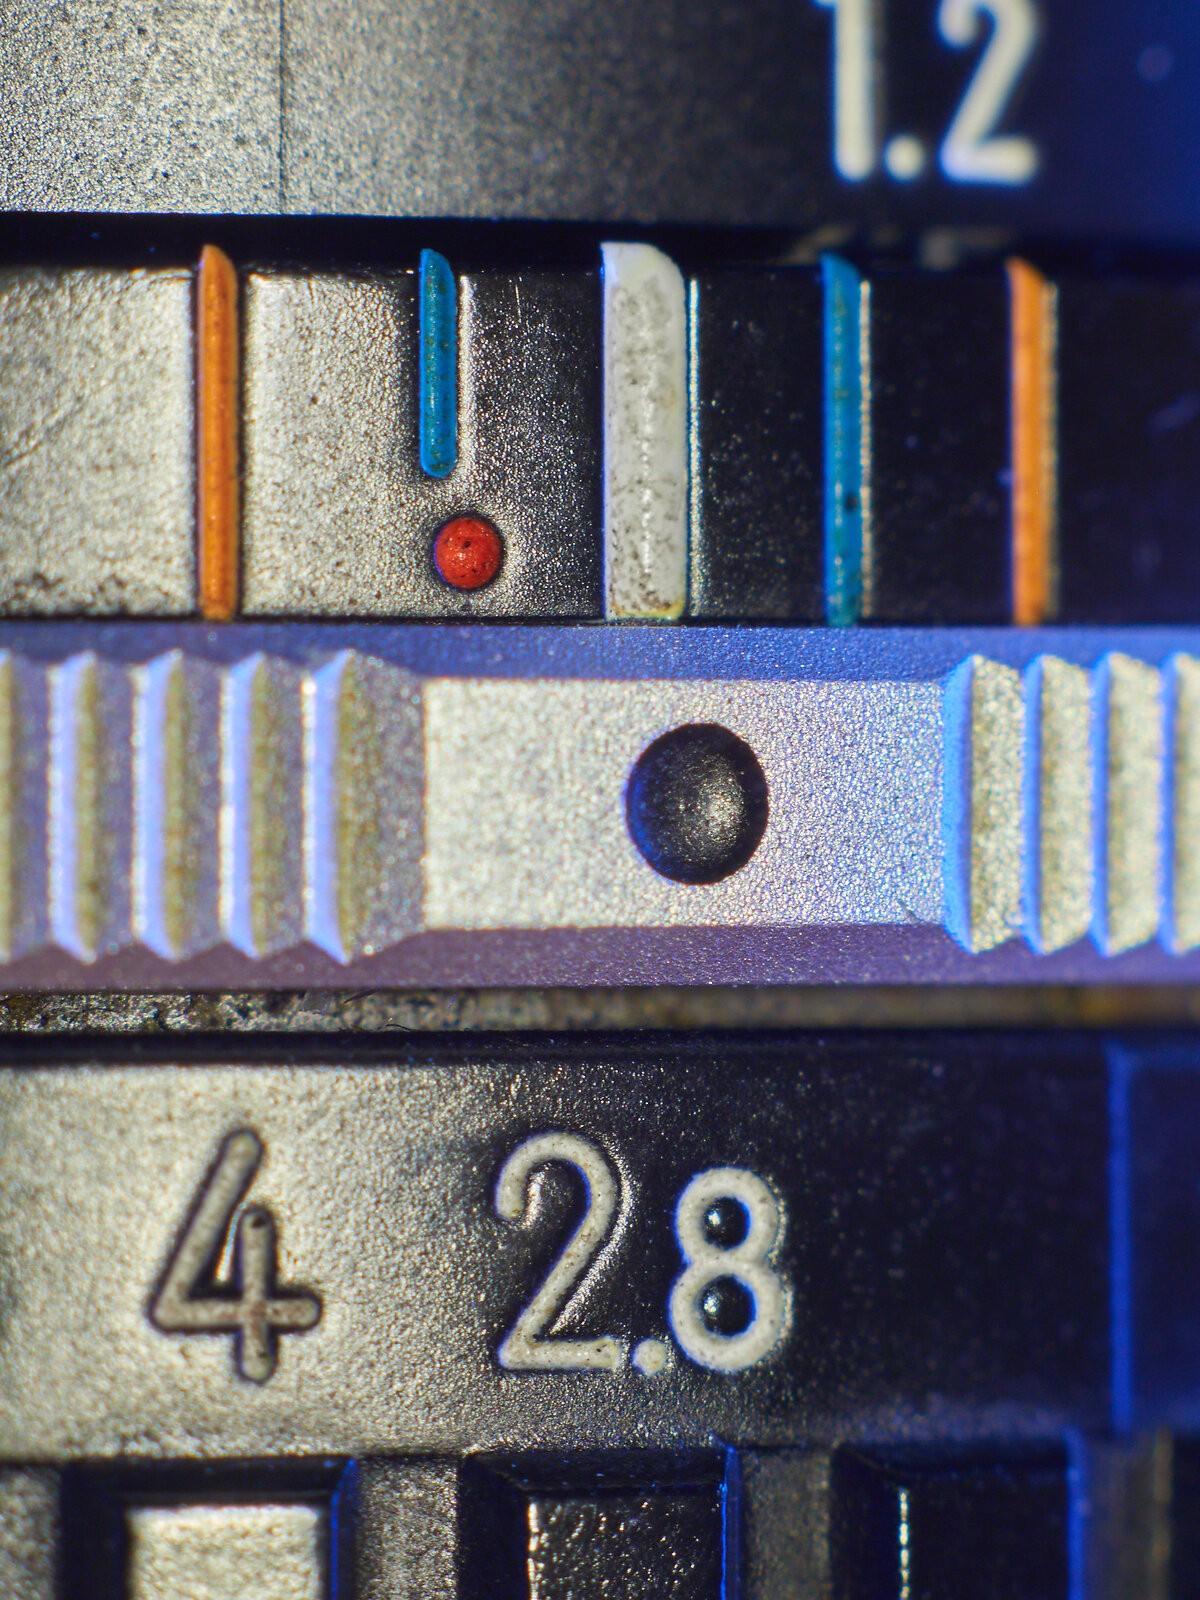 42.8.jpg